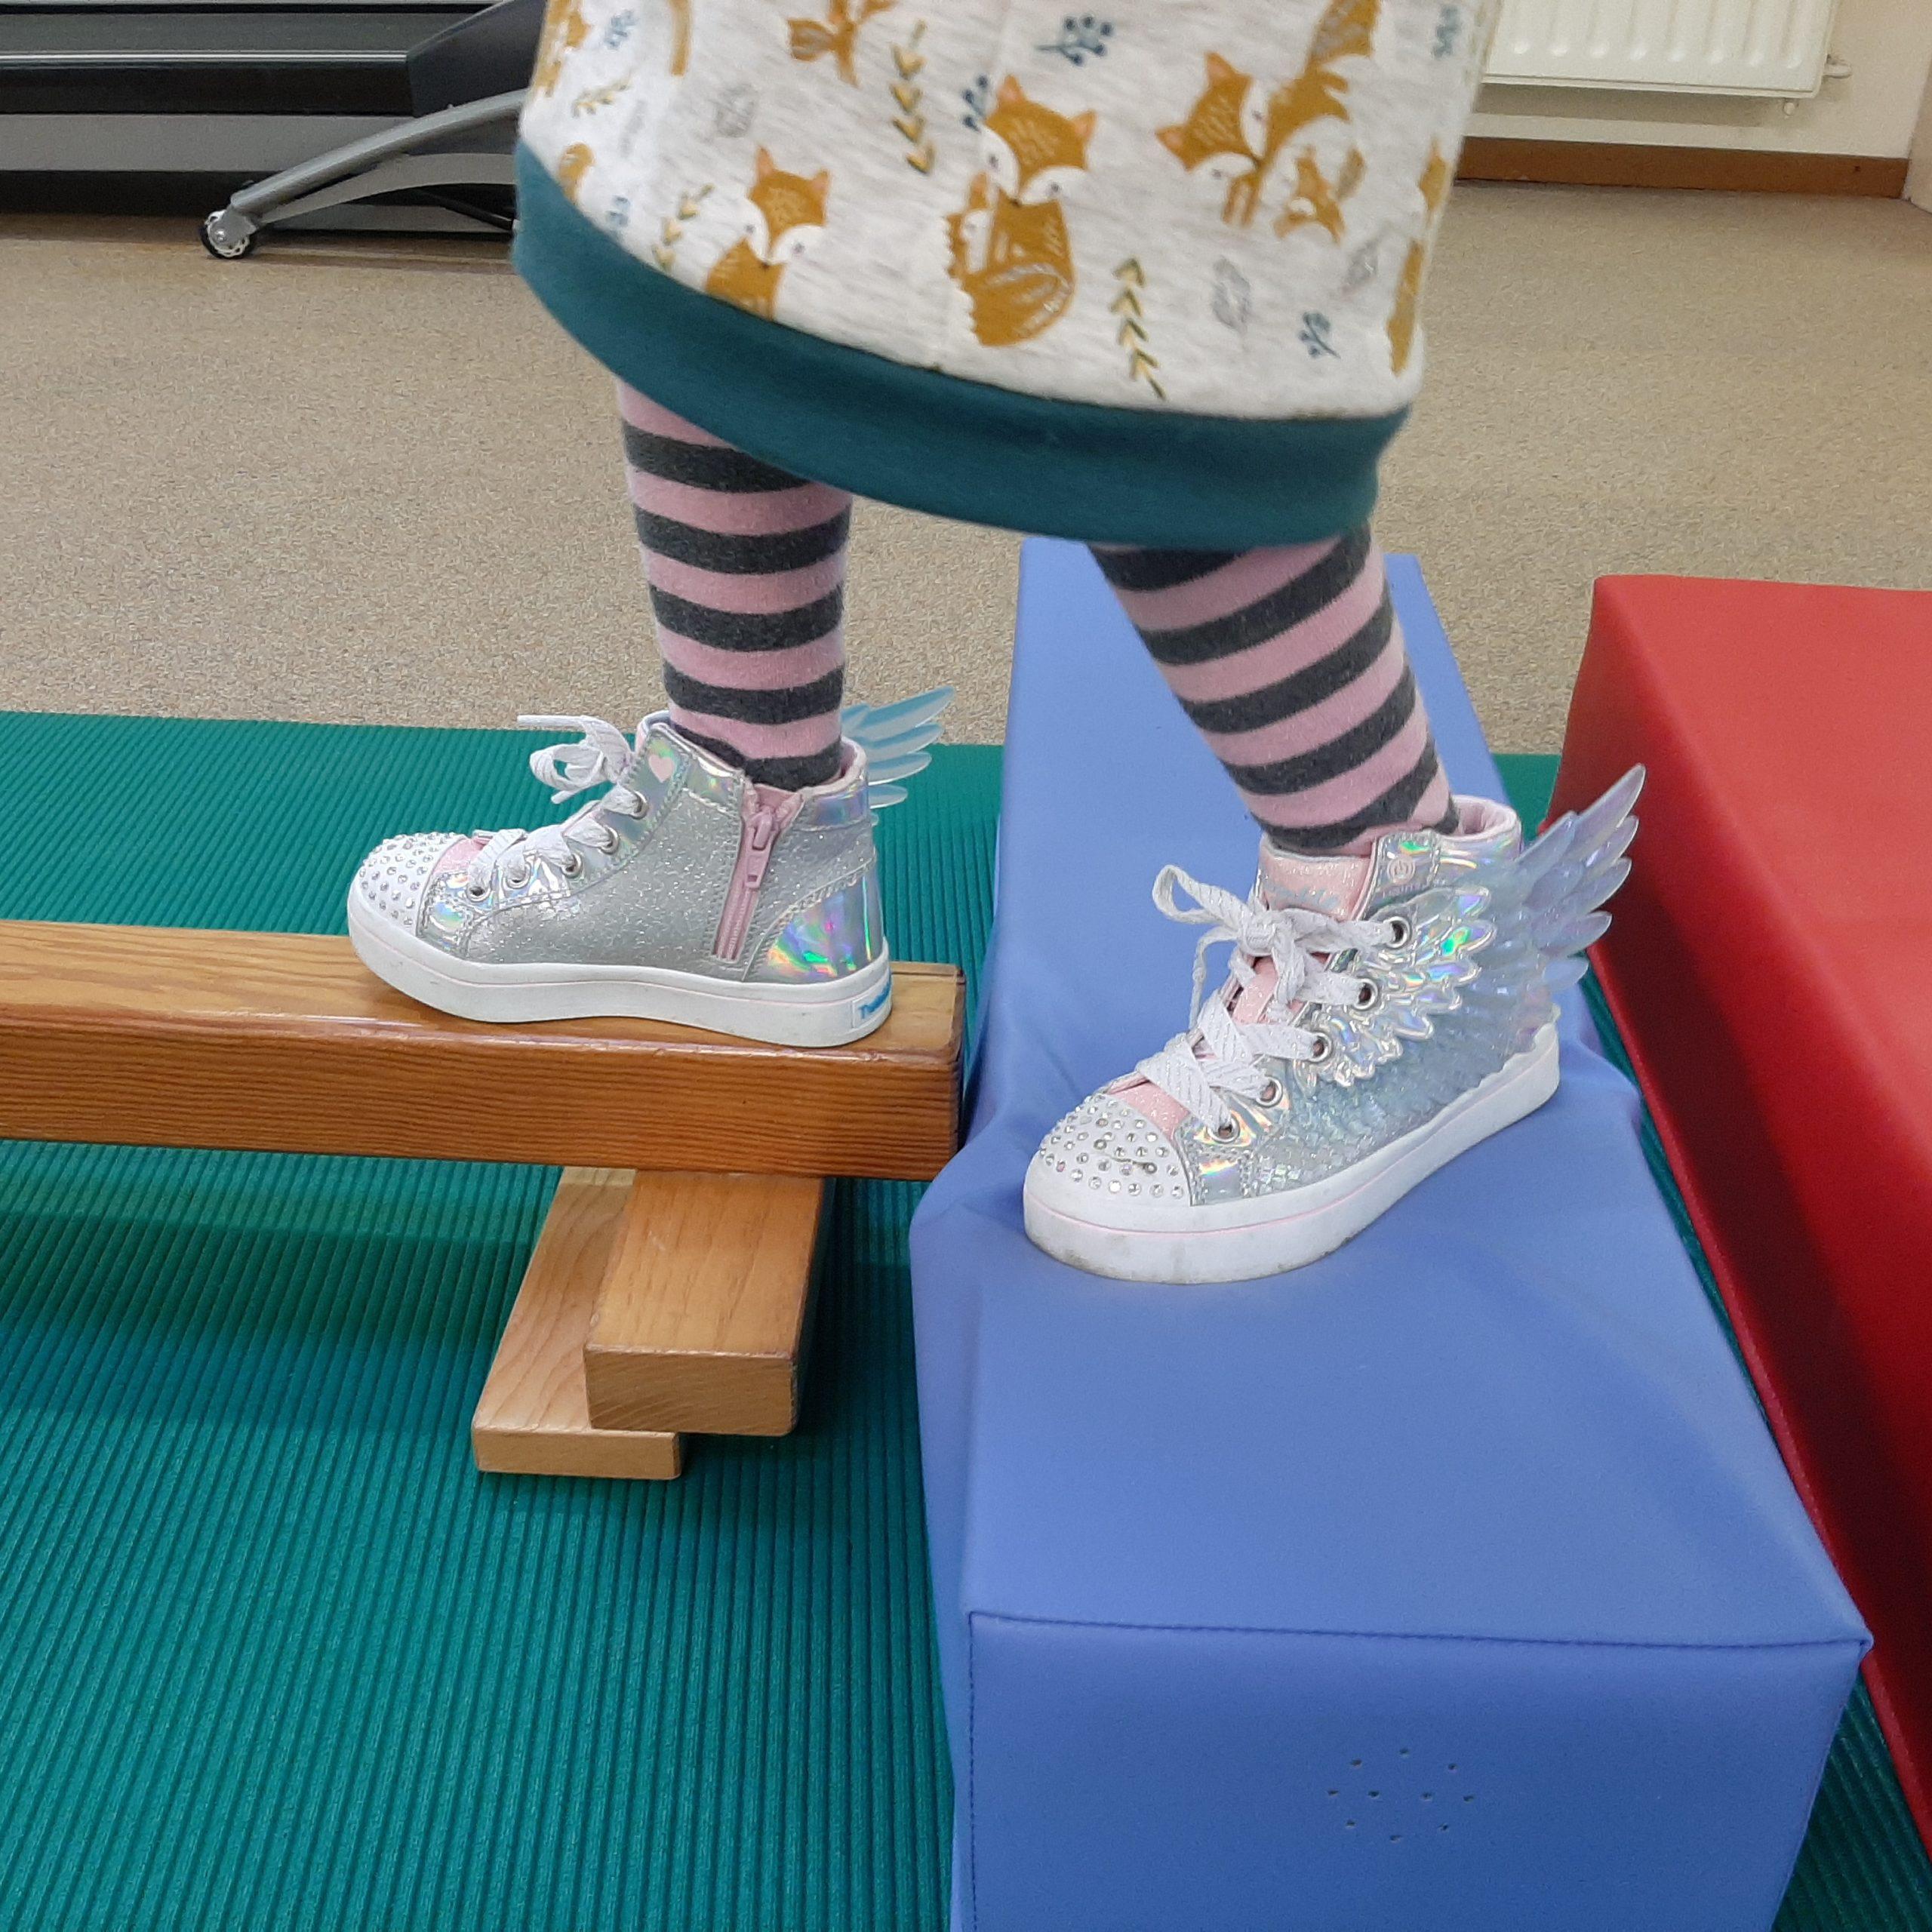 kinderfysiotherapie Breda, grote motoriek, gave schoenen,